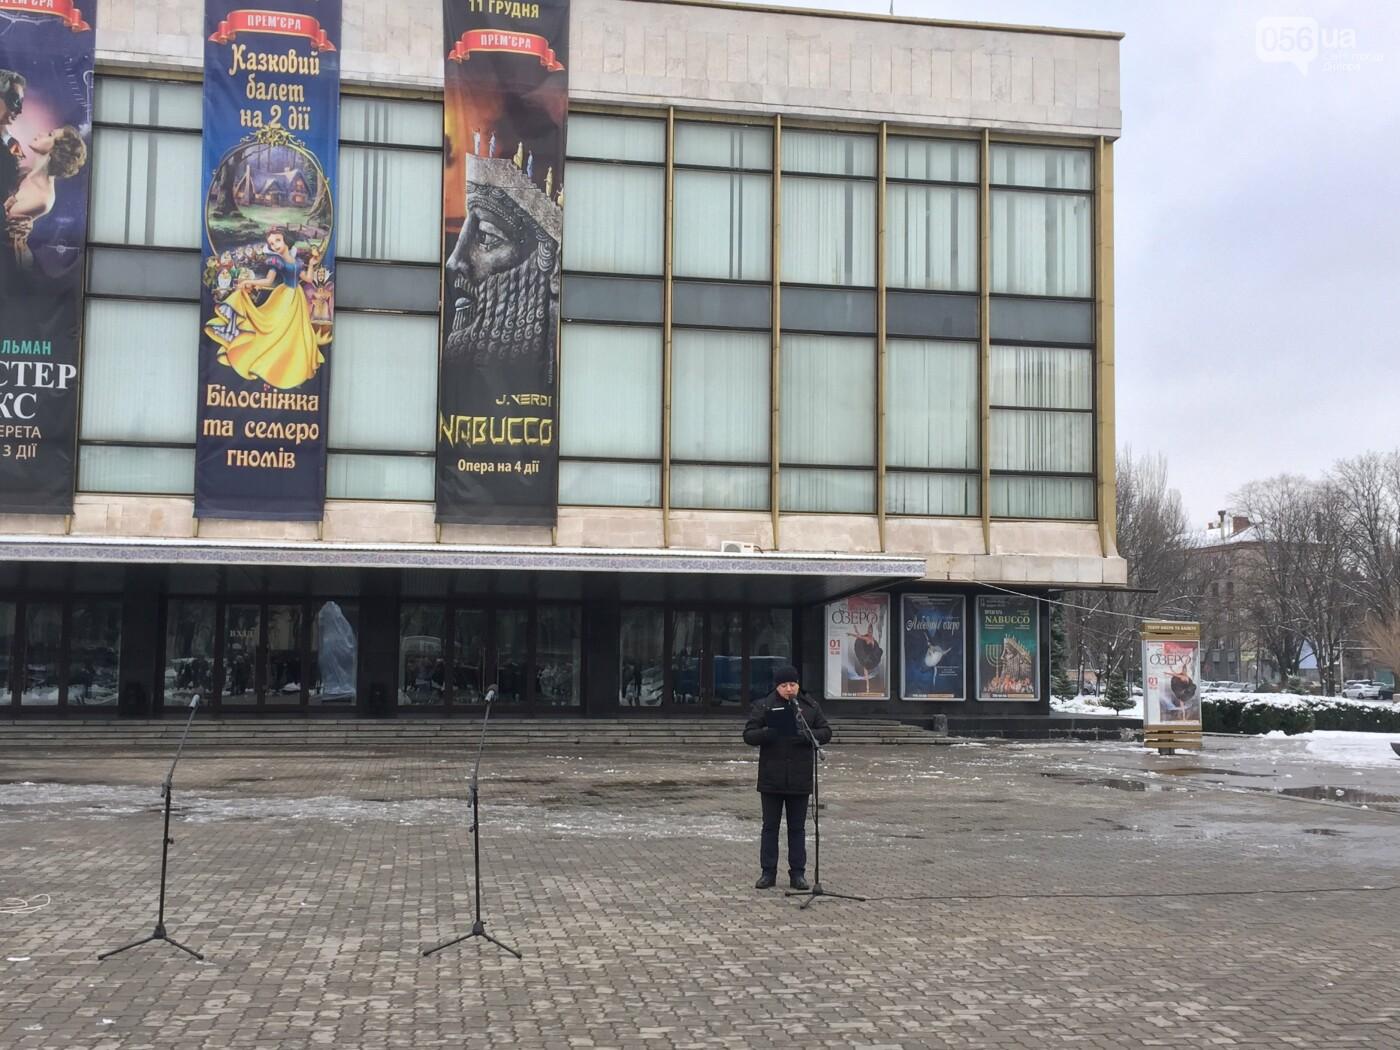 В центре Днепра появилась гигантская синяя рука: что значит этот арт-объект, - ФОТО, ВИДЕО, фото-4